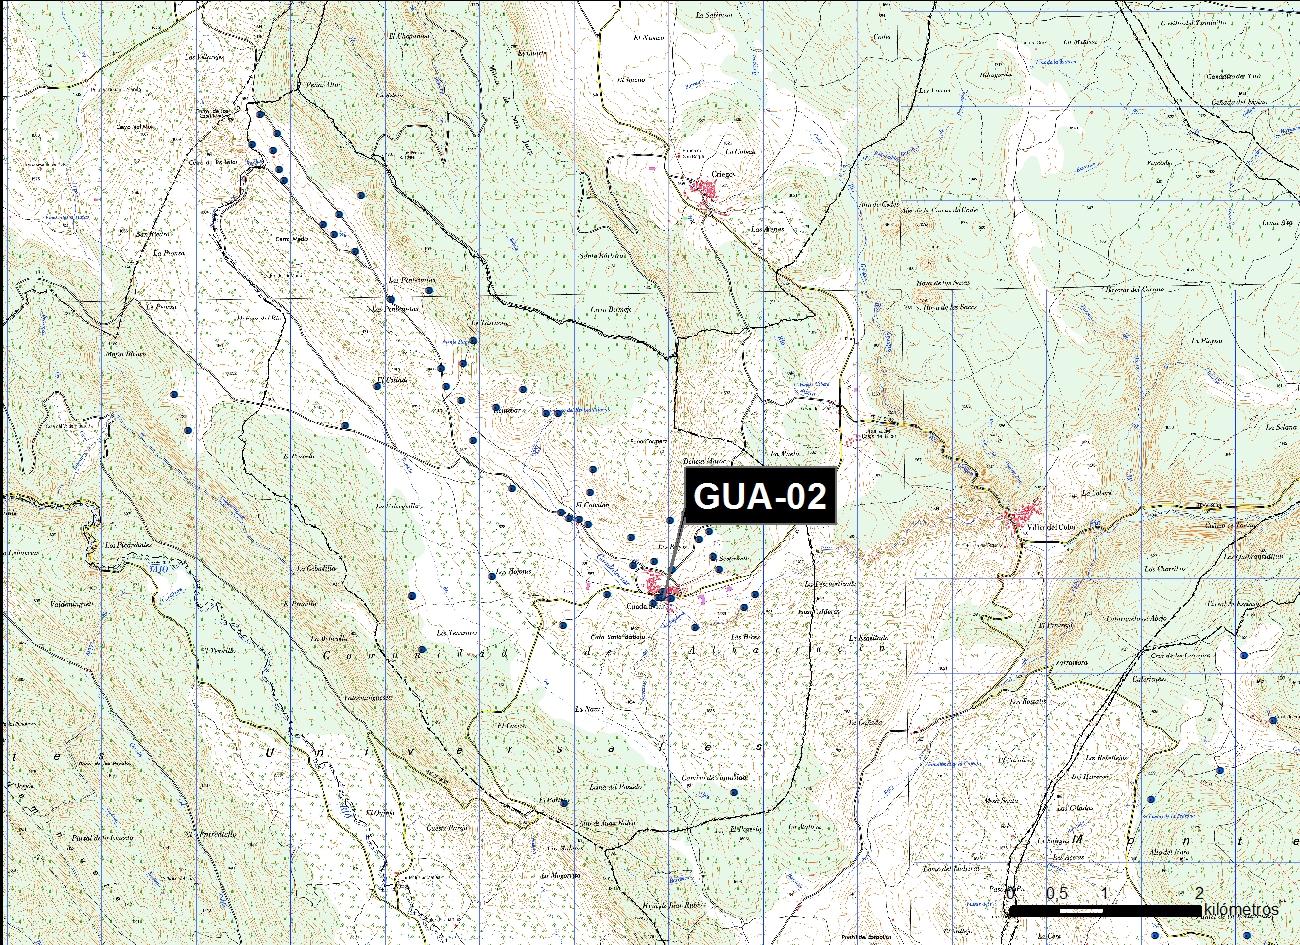 GUA_02_M.V.LOZANO_PLAZA DE LA IGLESIA_MAP.TOPO 1